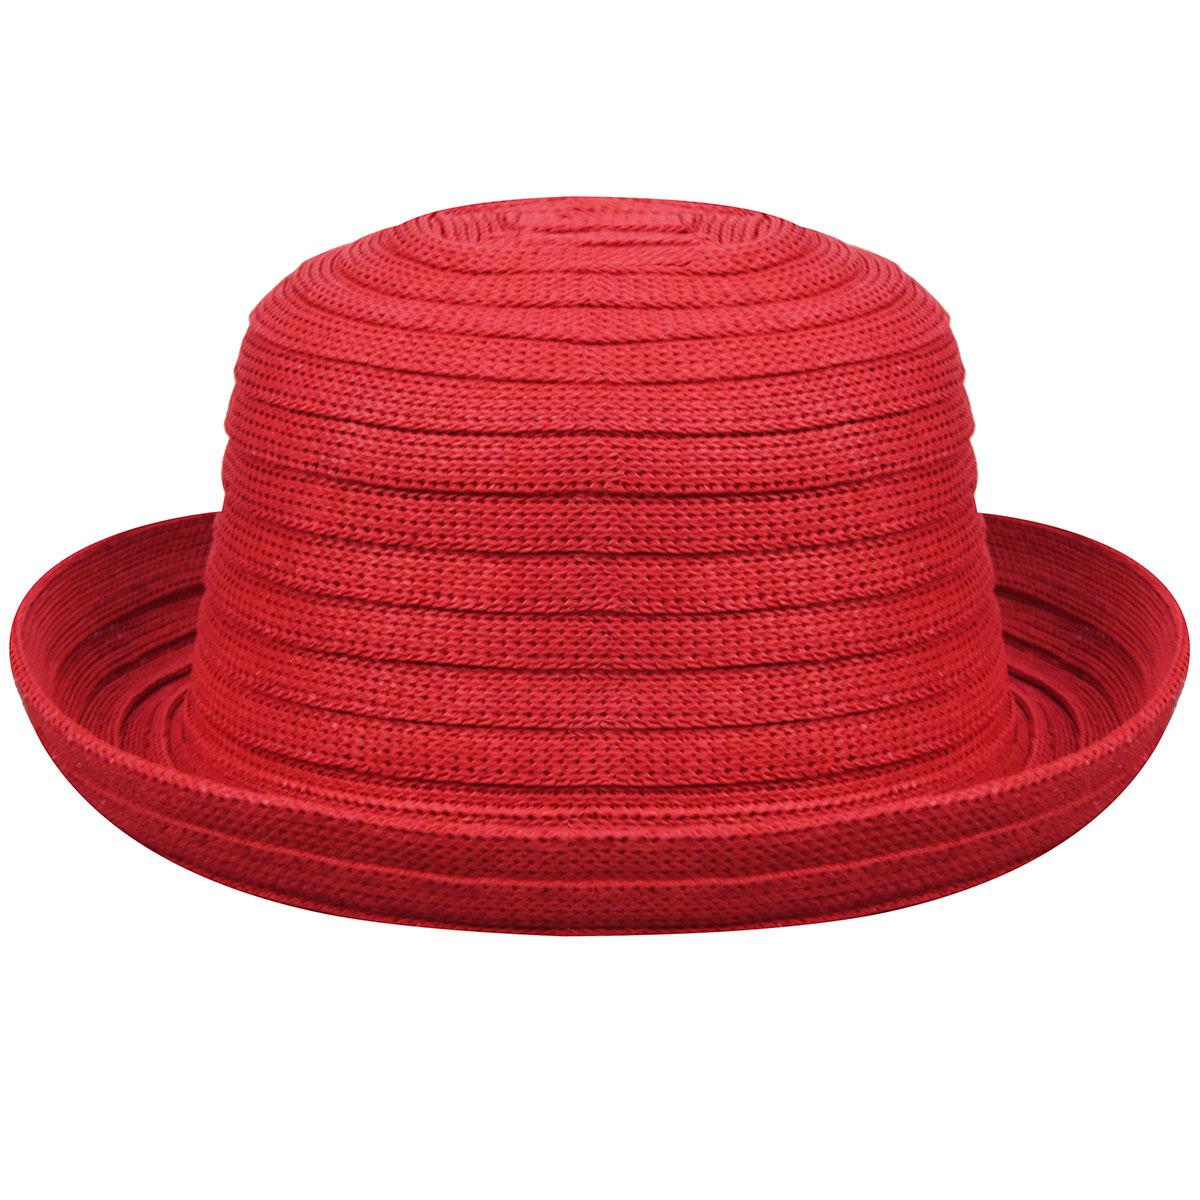 Pantropic Pantropic Sebastopol Sightseer Sun Hat in Red